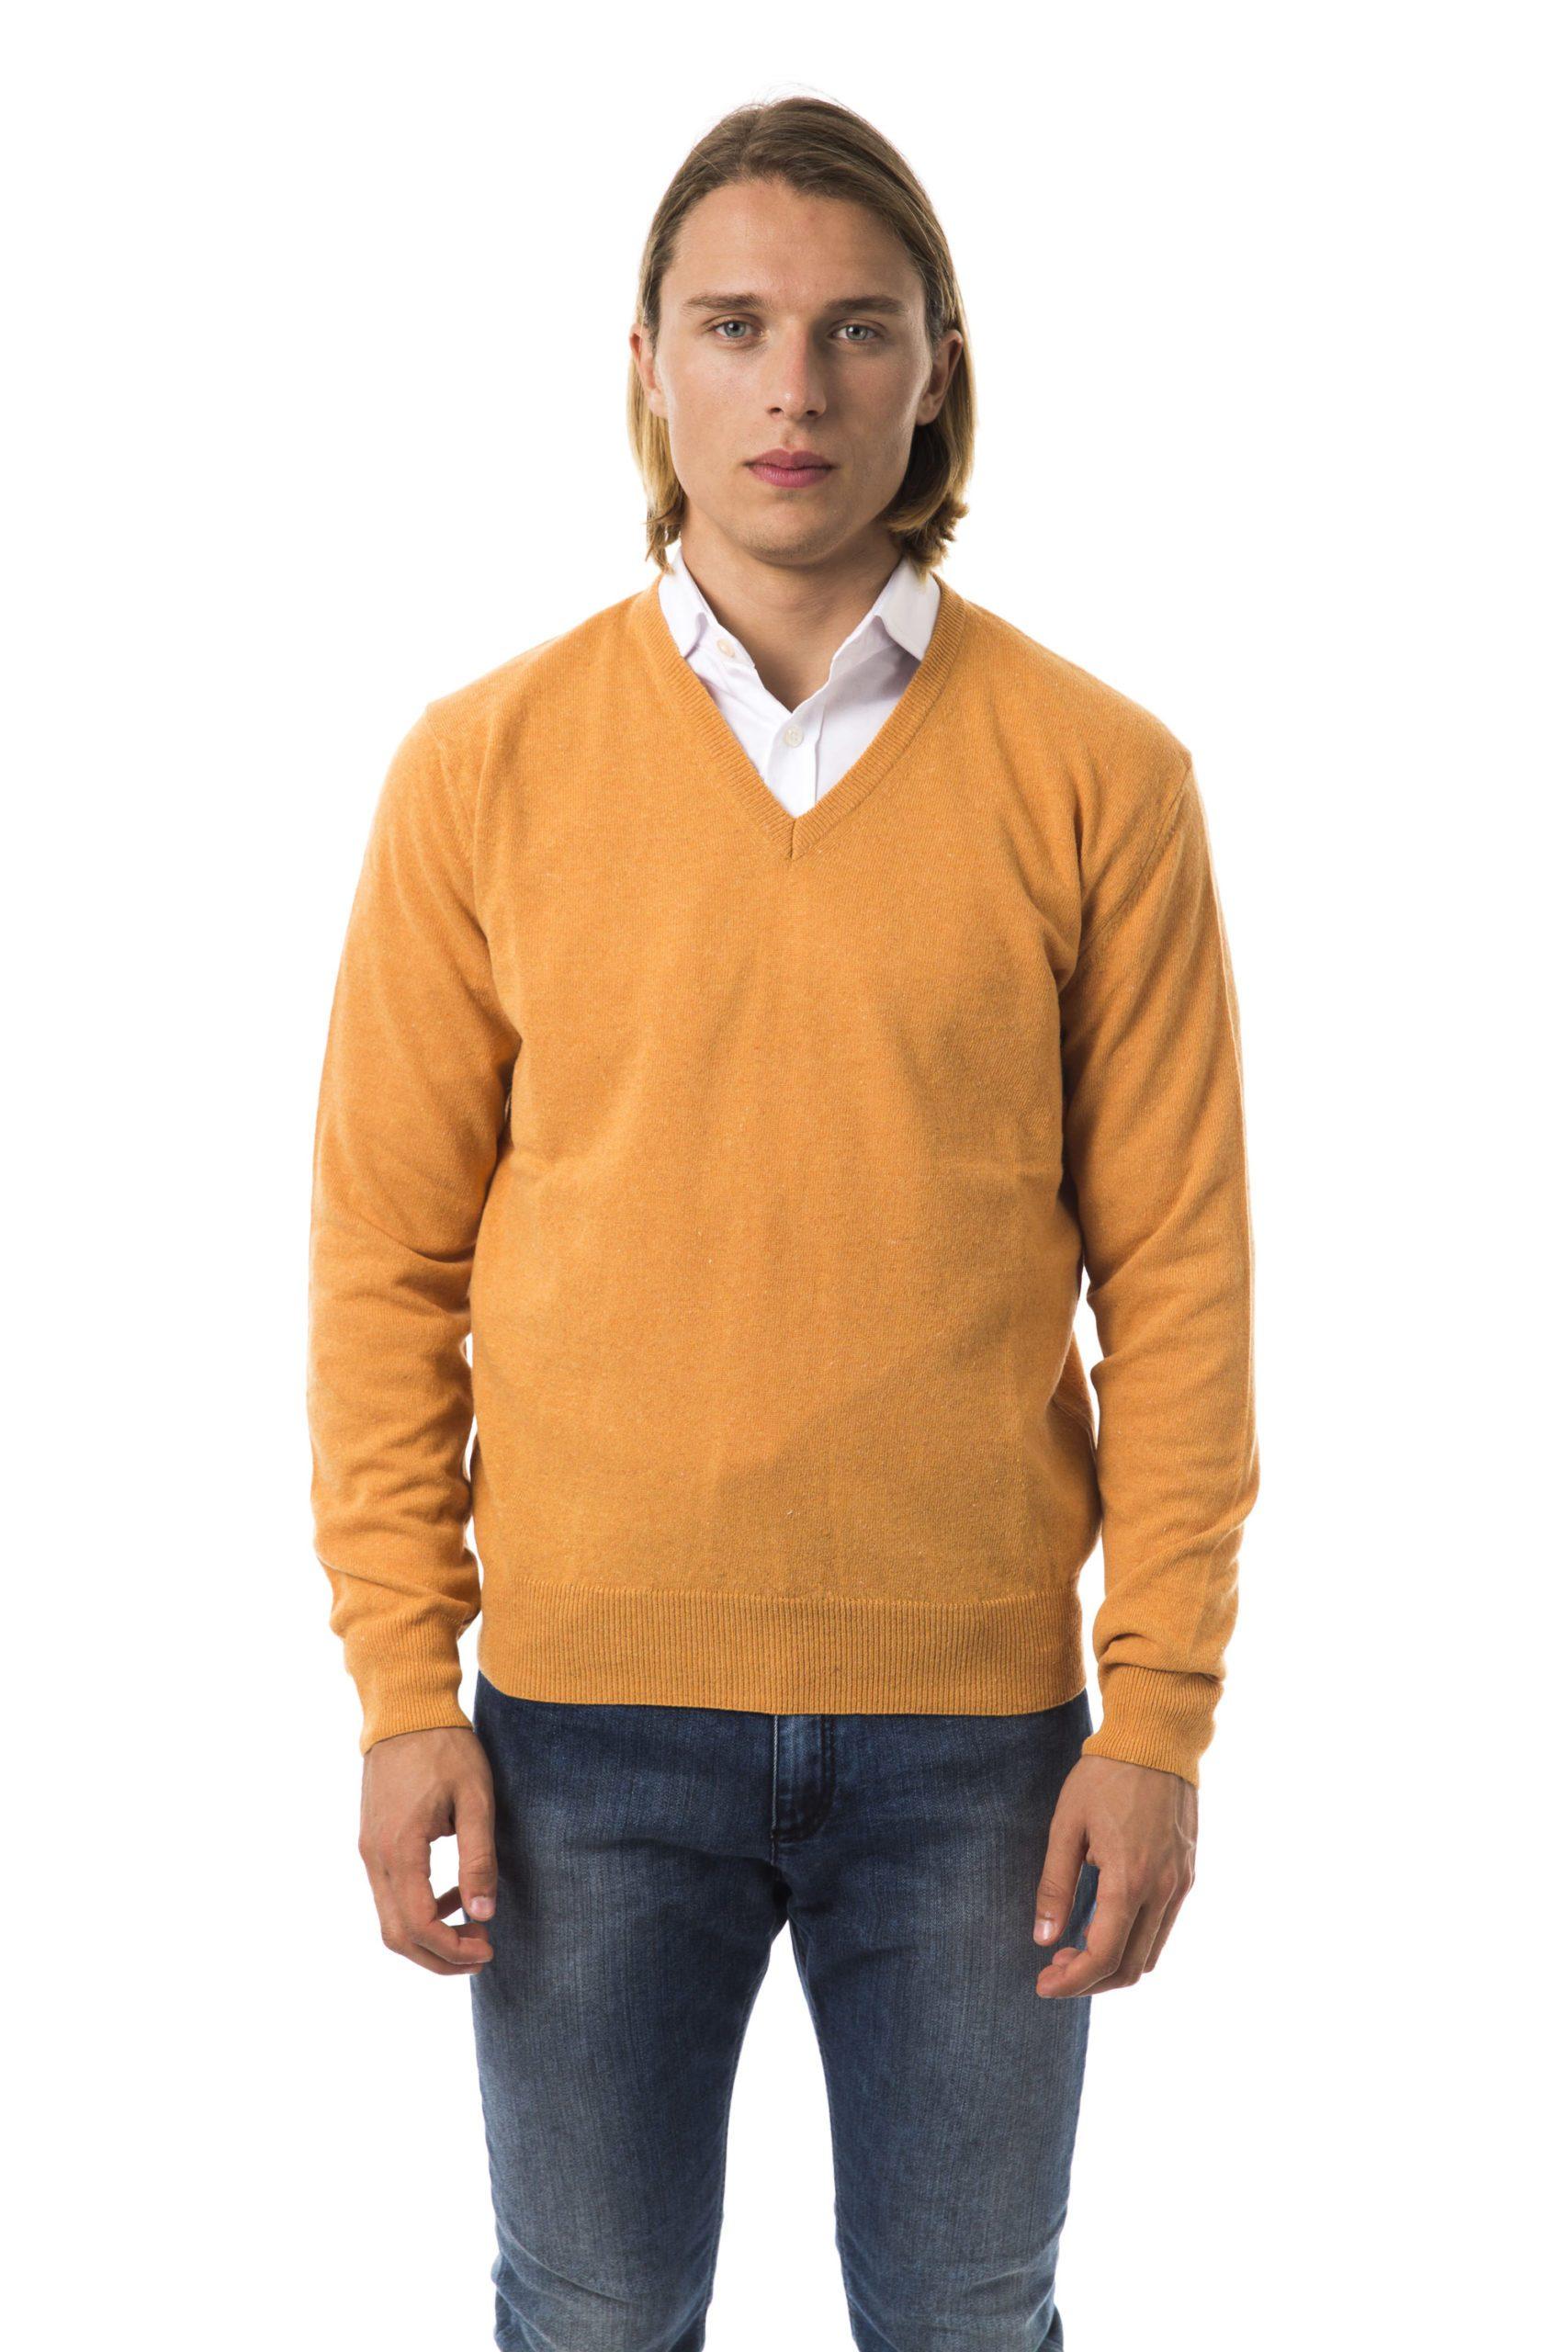 Uominitaliani Men's Albicocca Sweater Orange UO815742 - S